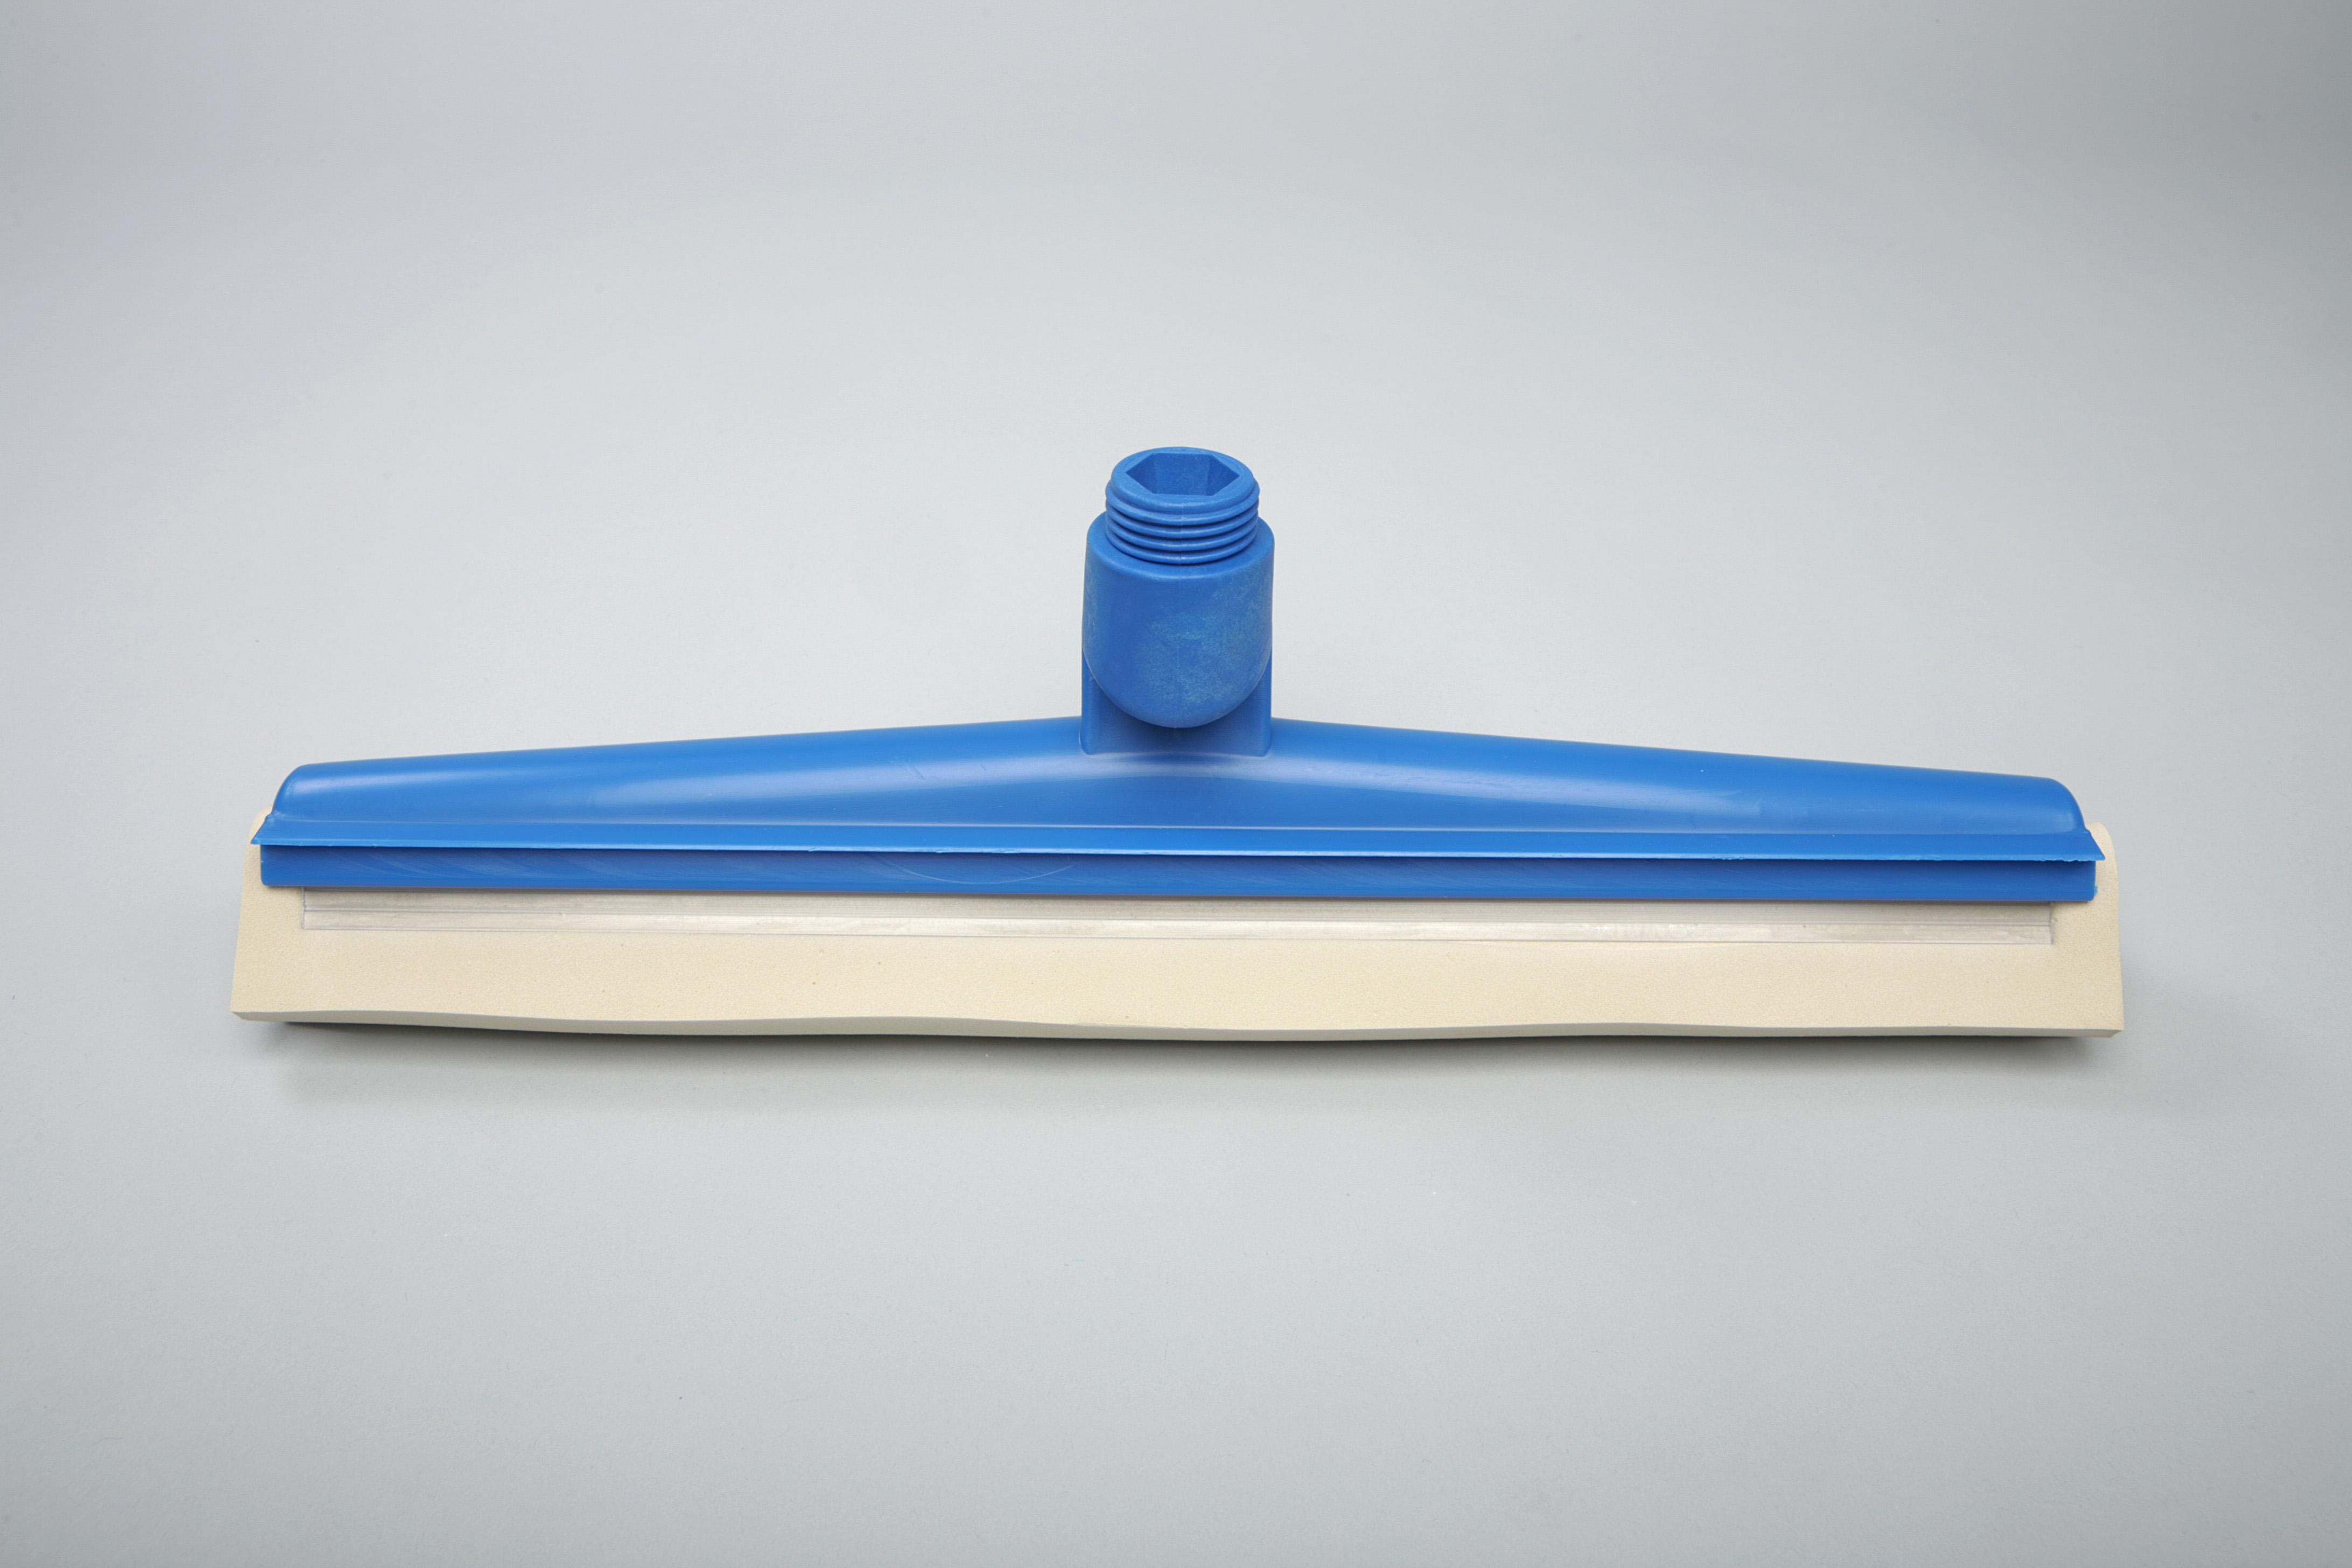 Unimop põrandakuivataja 50 cm, liigendiga, sinine, kastis 6 tk